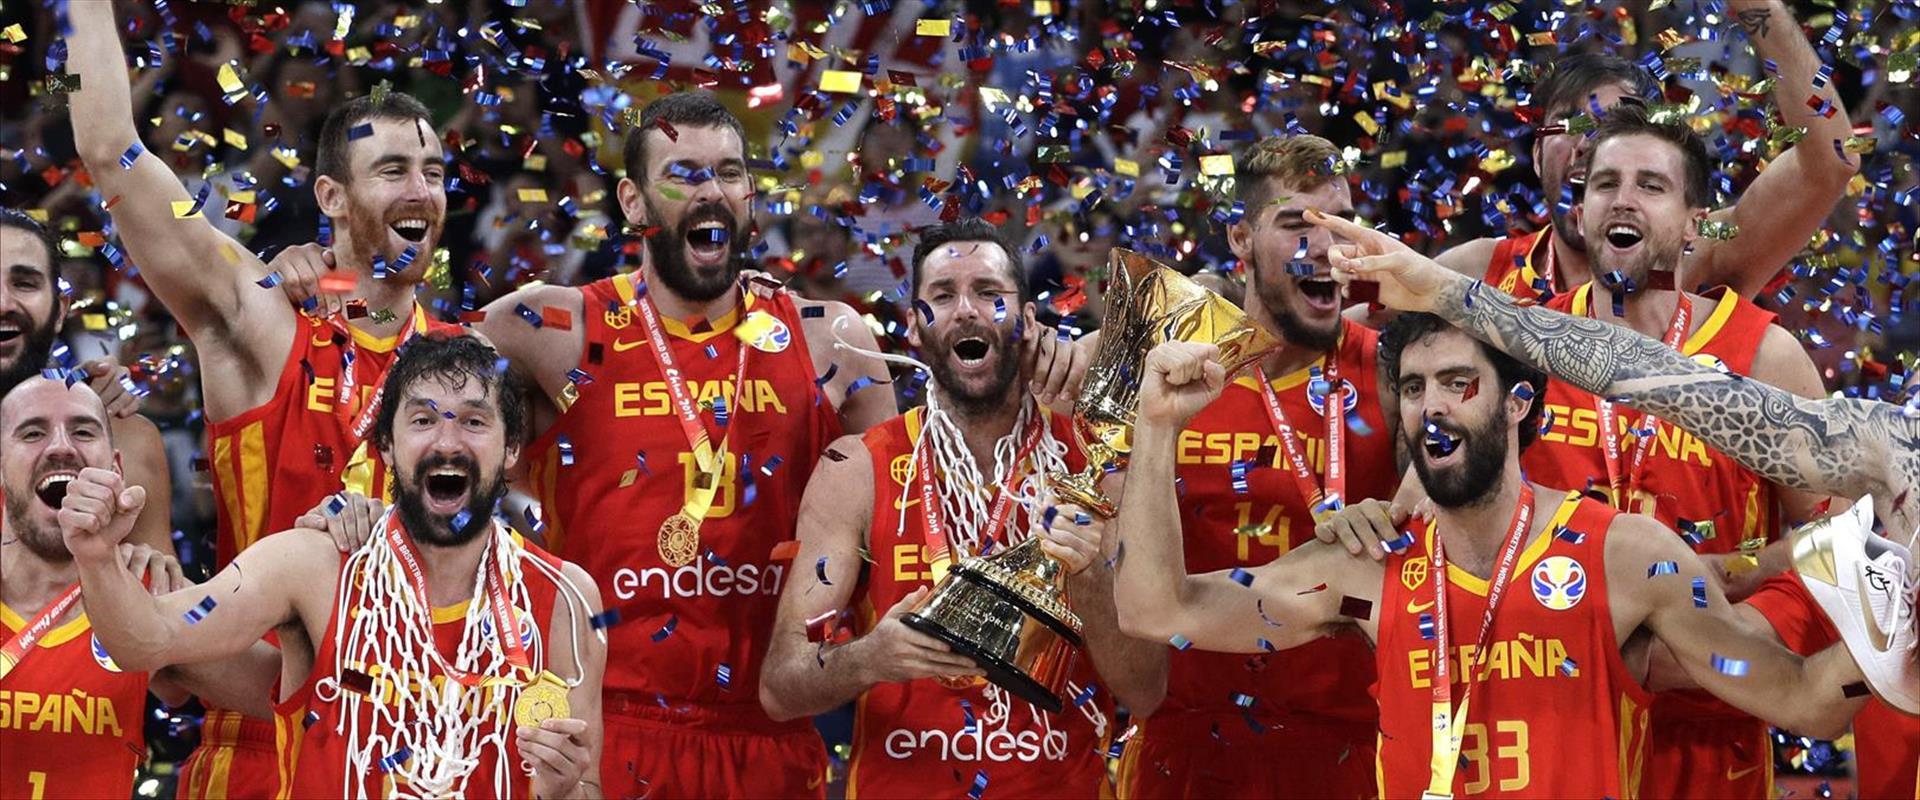 נבחרת ספרד לאחר הזכיה באליפות העולם בכדורסל, הערב